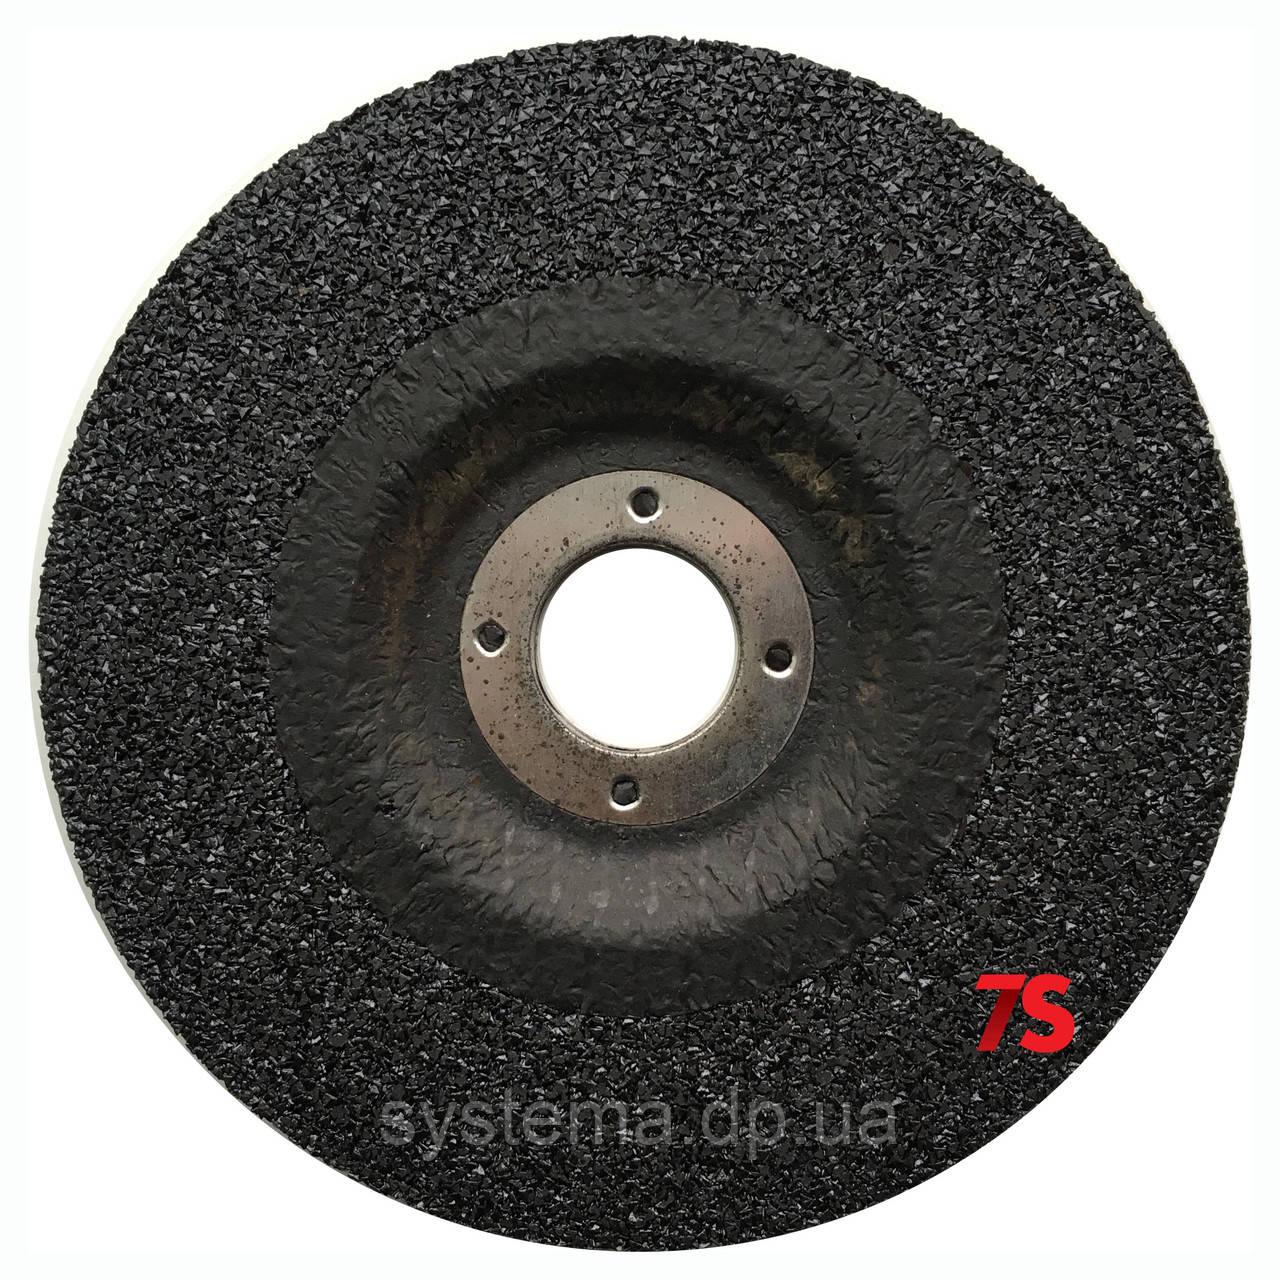 3M 51805 - Відрізний круг по металу Silver T42, 180х22,23х2,5 мм